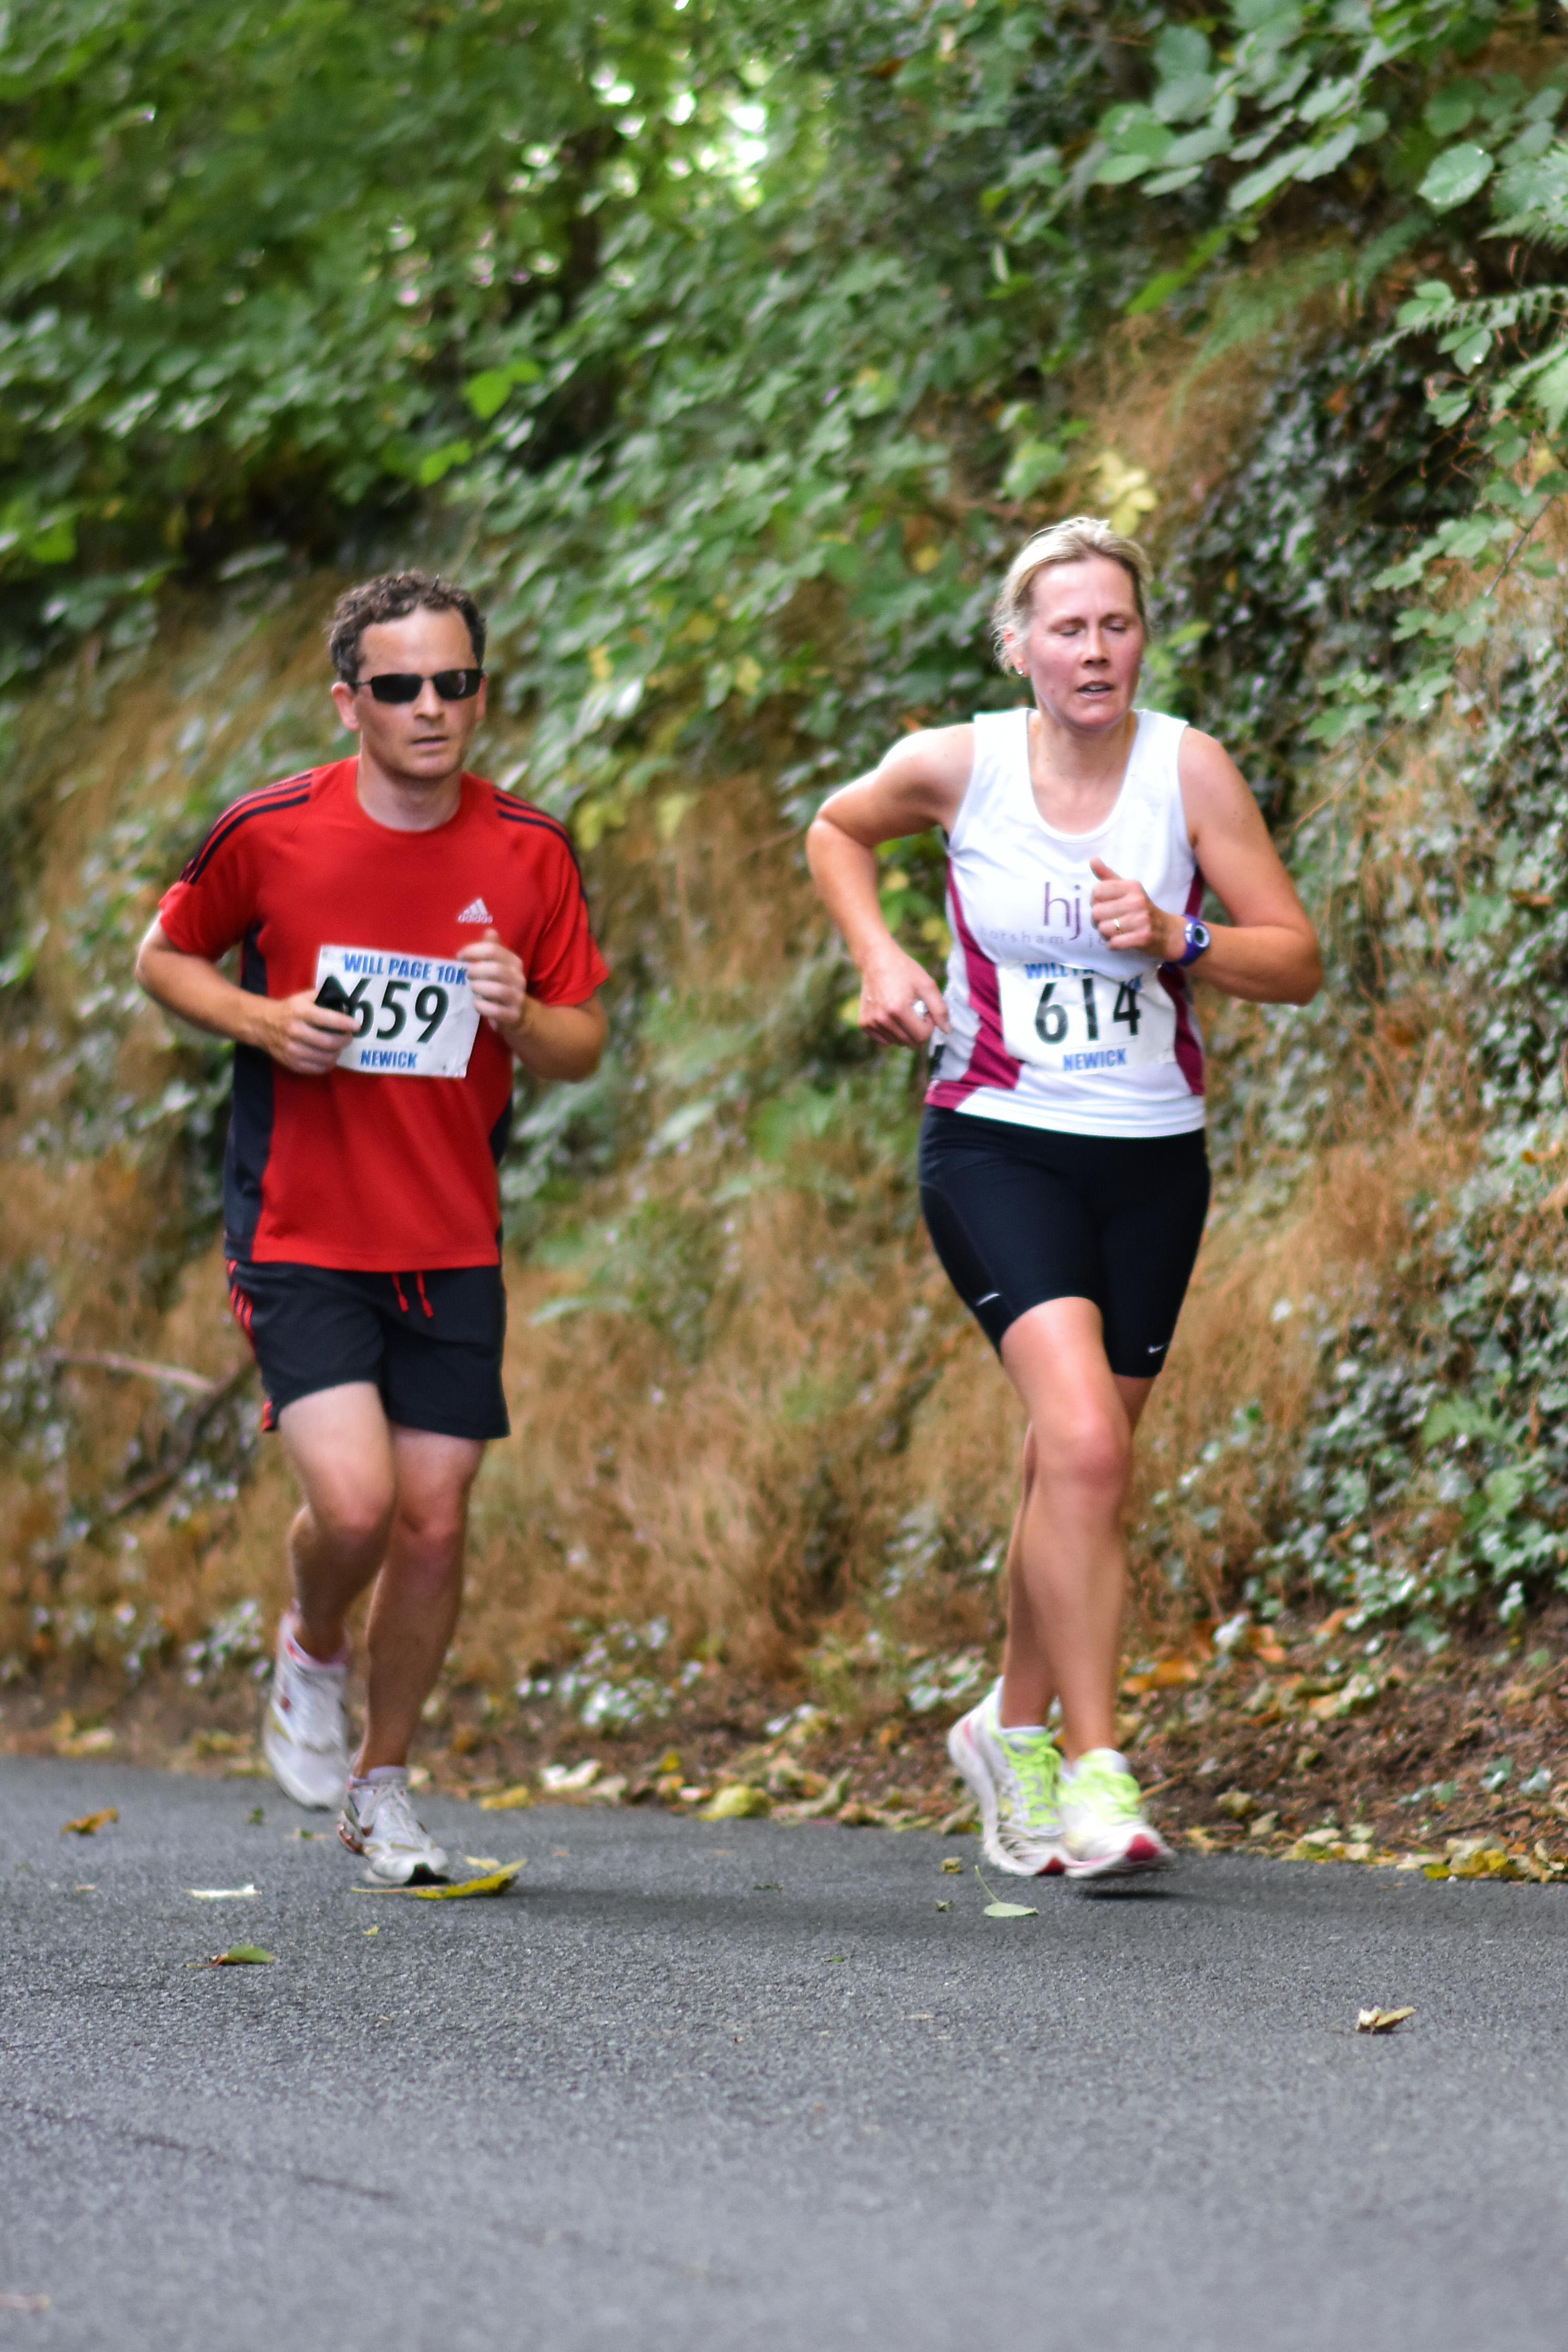 Runner - 614